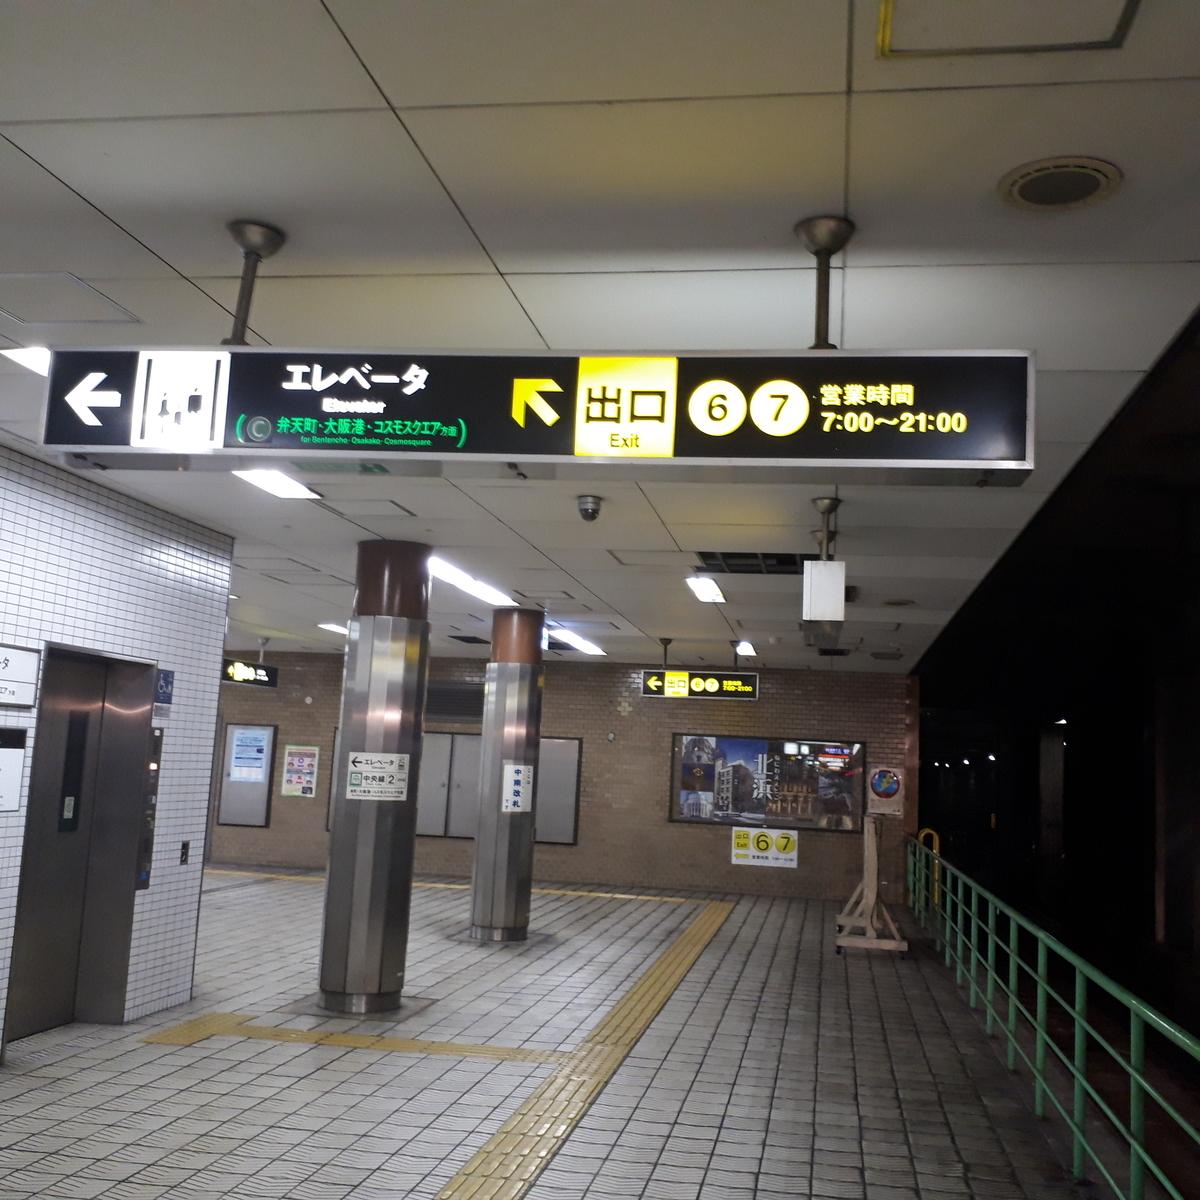 Colunmia8堺筋本町店 行き方 堺筋本町駅南改札